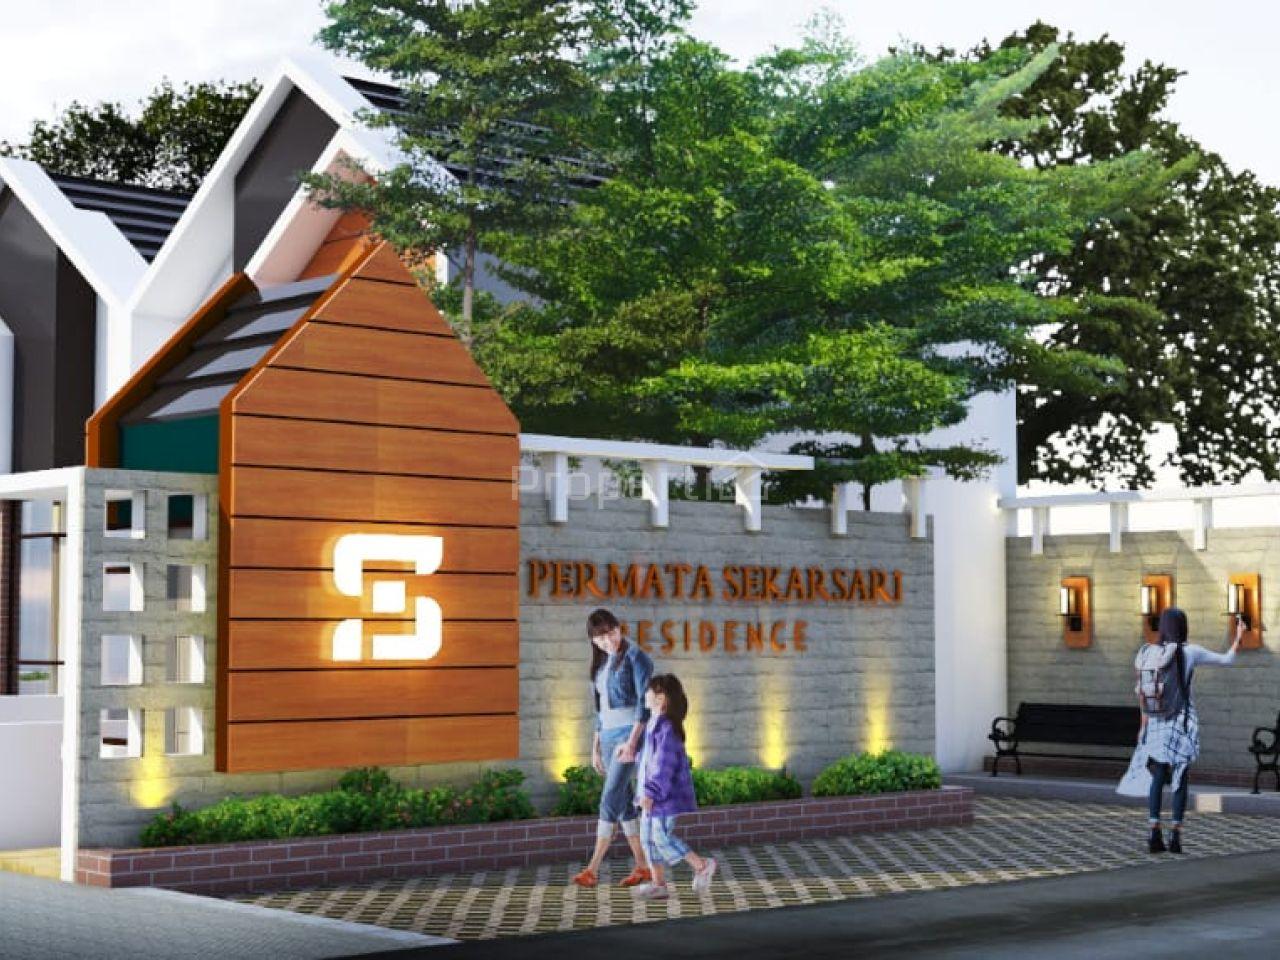 Cheap Modern Residential Housing in Permata Sekarsari Reside, Jawa Timur